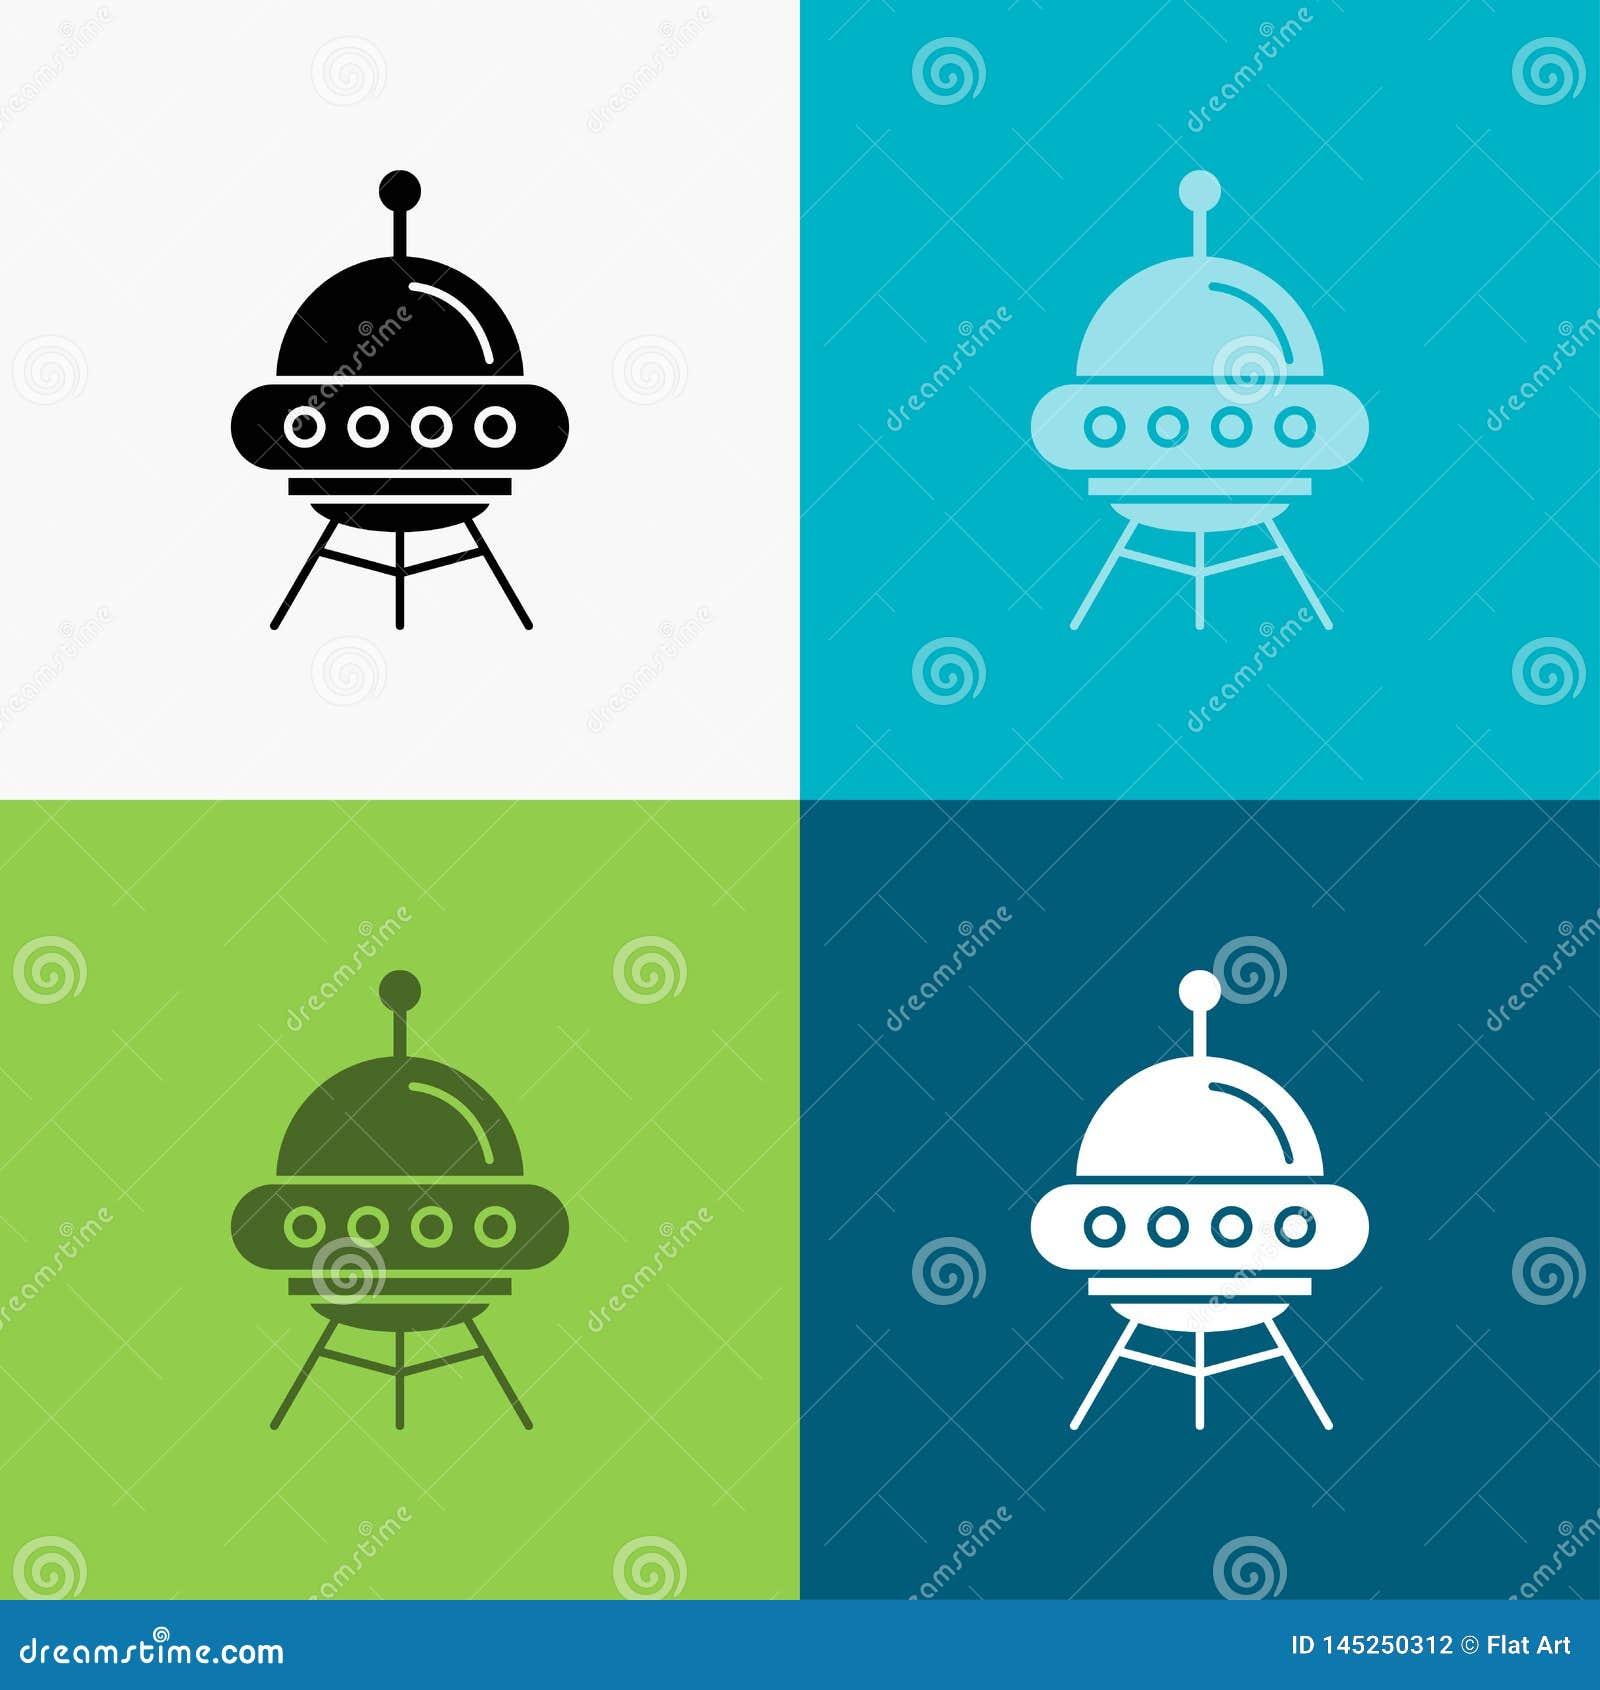 Veh?culo espacial, espacio, nave, cohete, icono extranjero sobre diverso fondo dise?o del estilo del glyph, dise?ado para el web